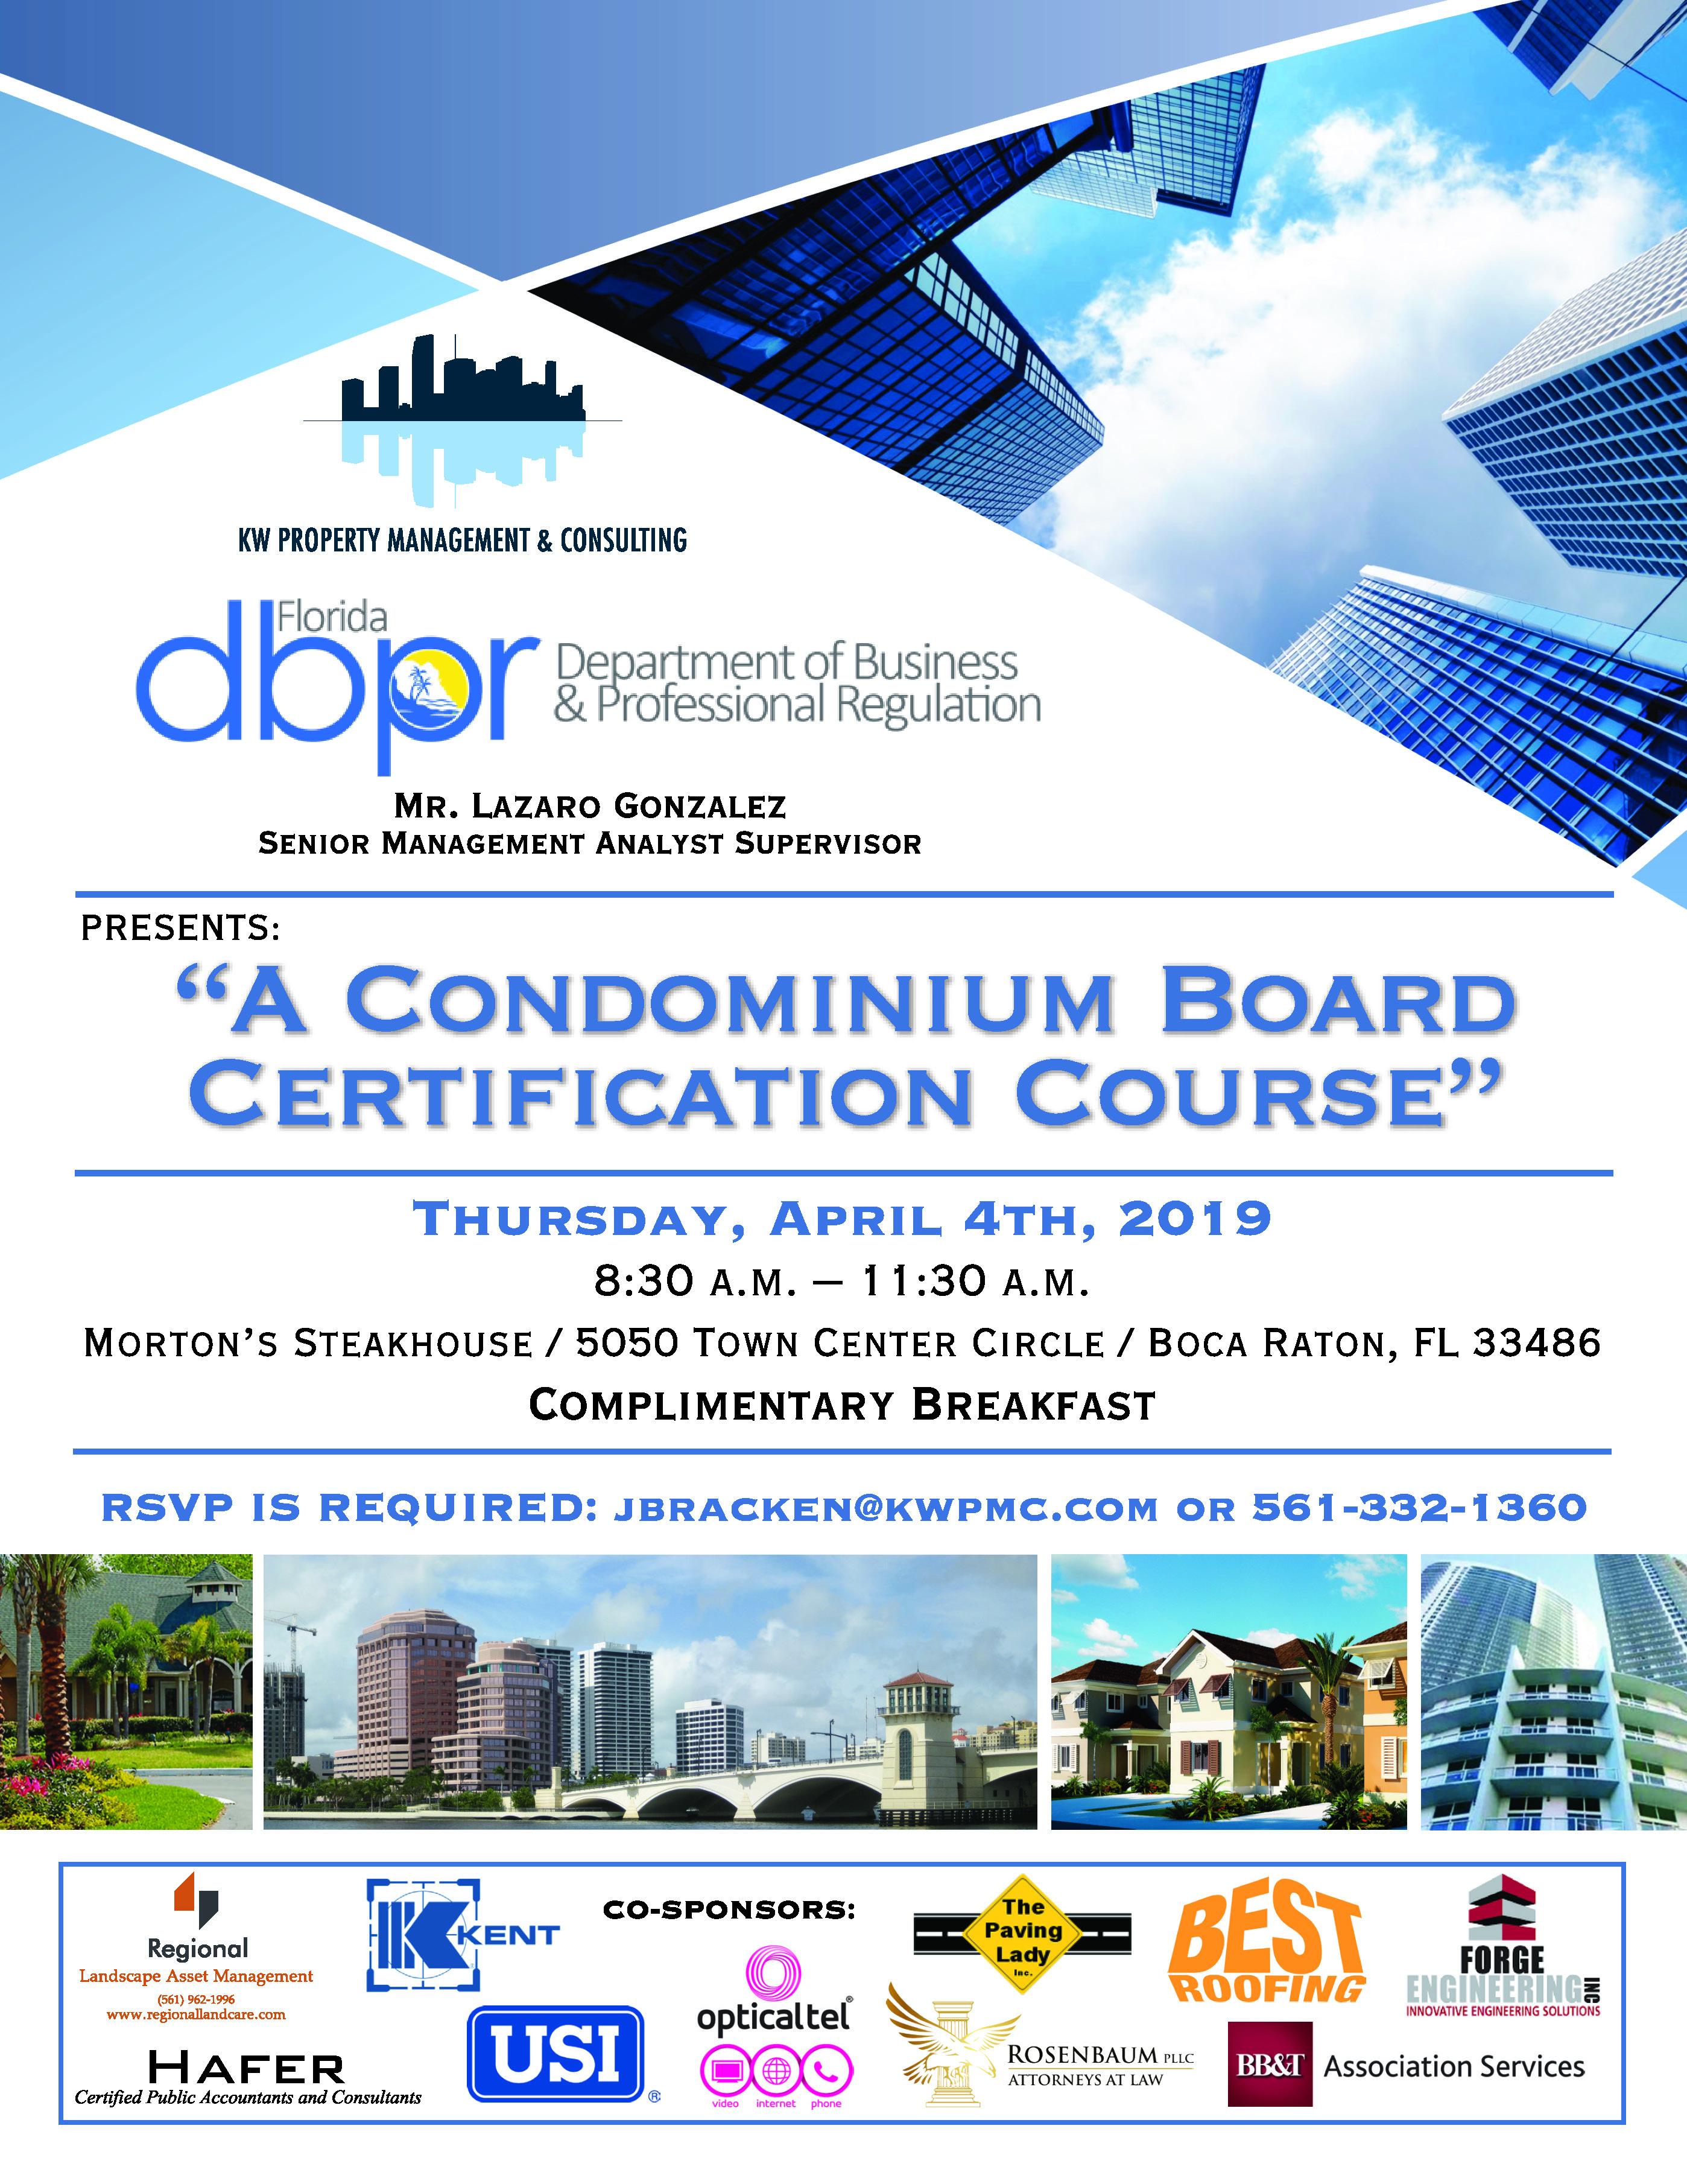 A Condominium Board Certification Course